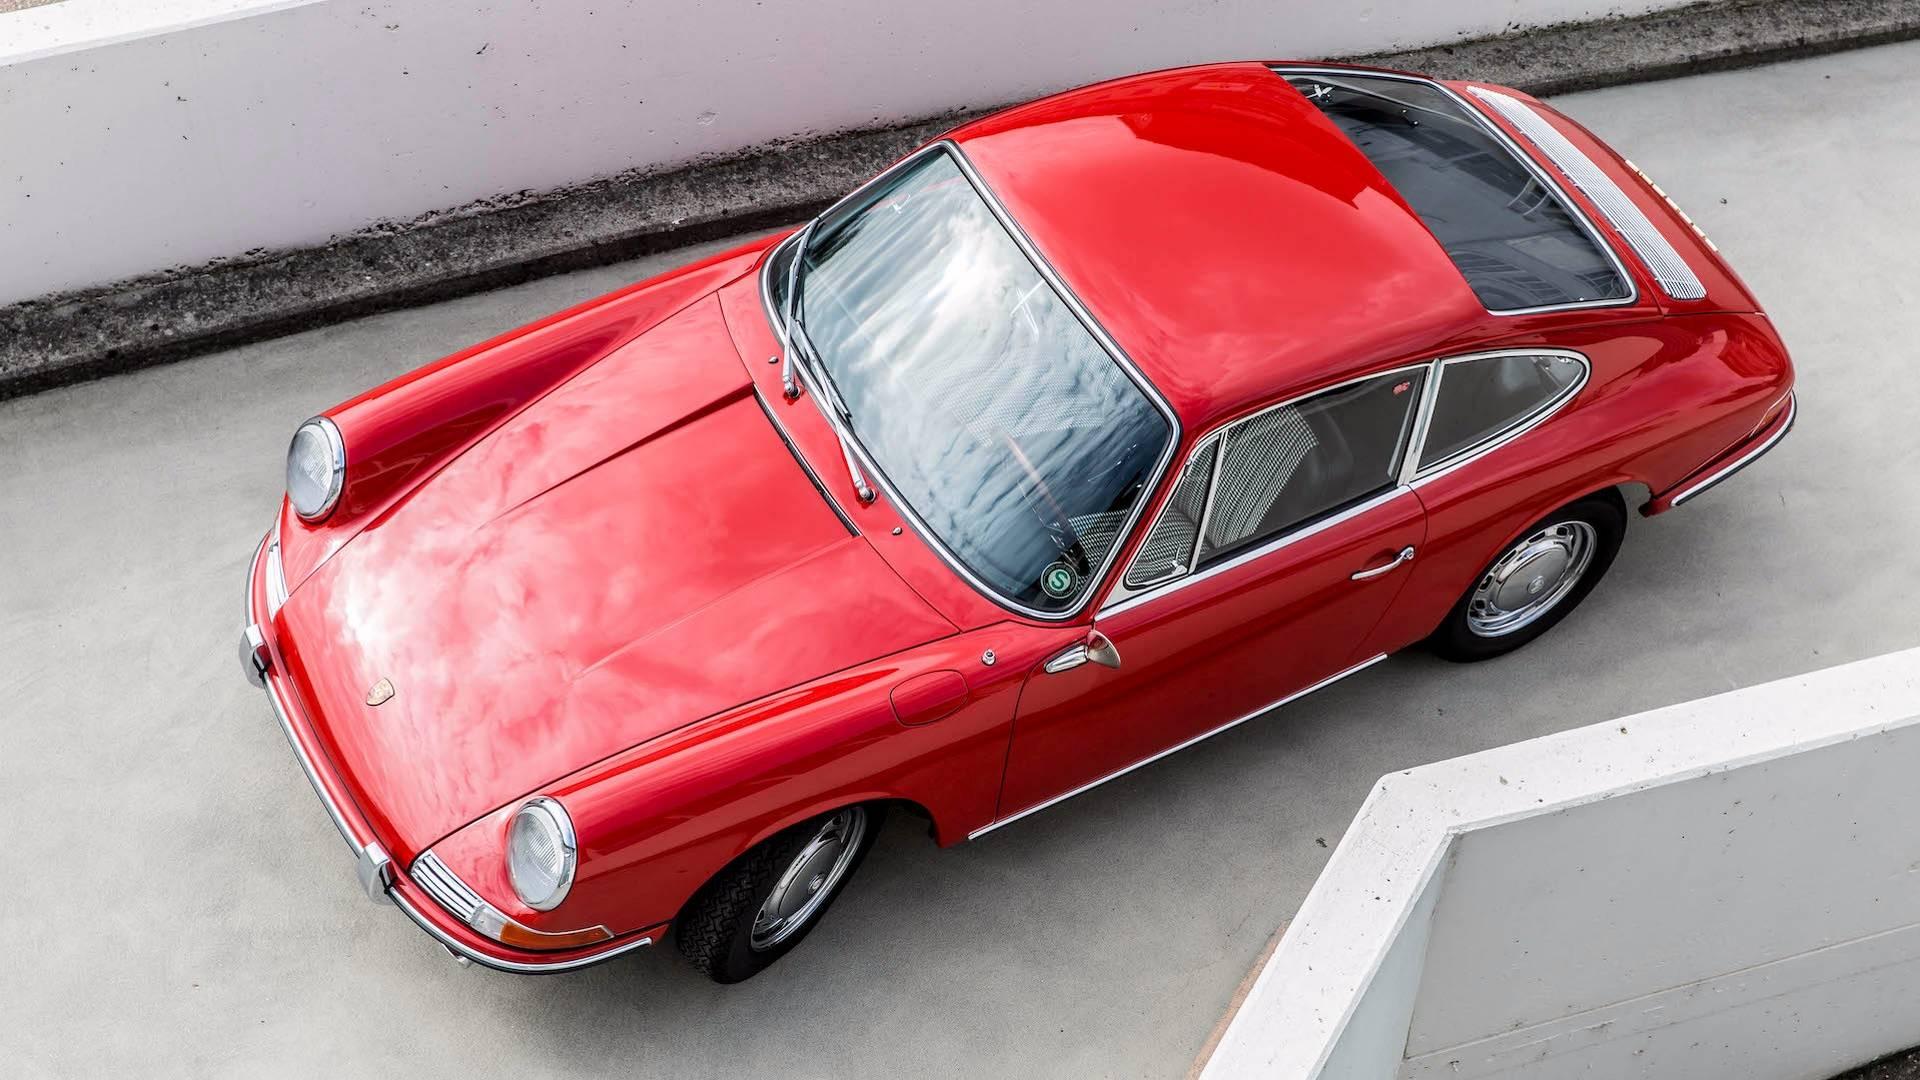 Porsche 901 911 restoration porsche museum (17)